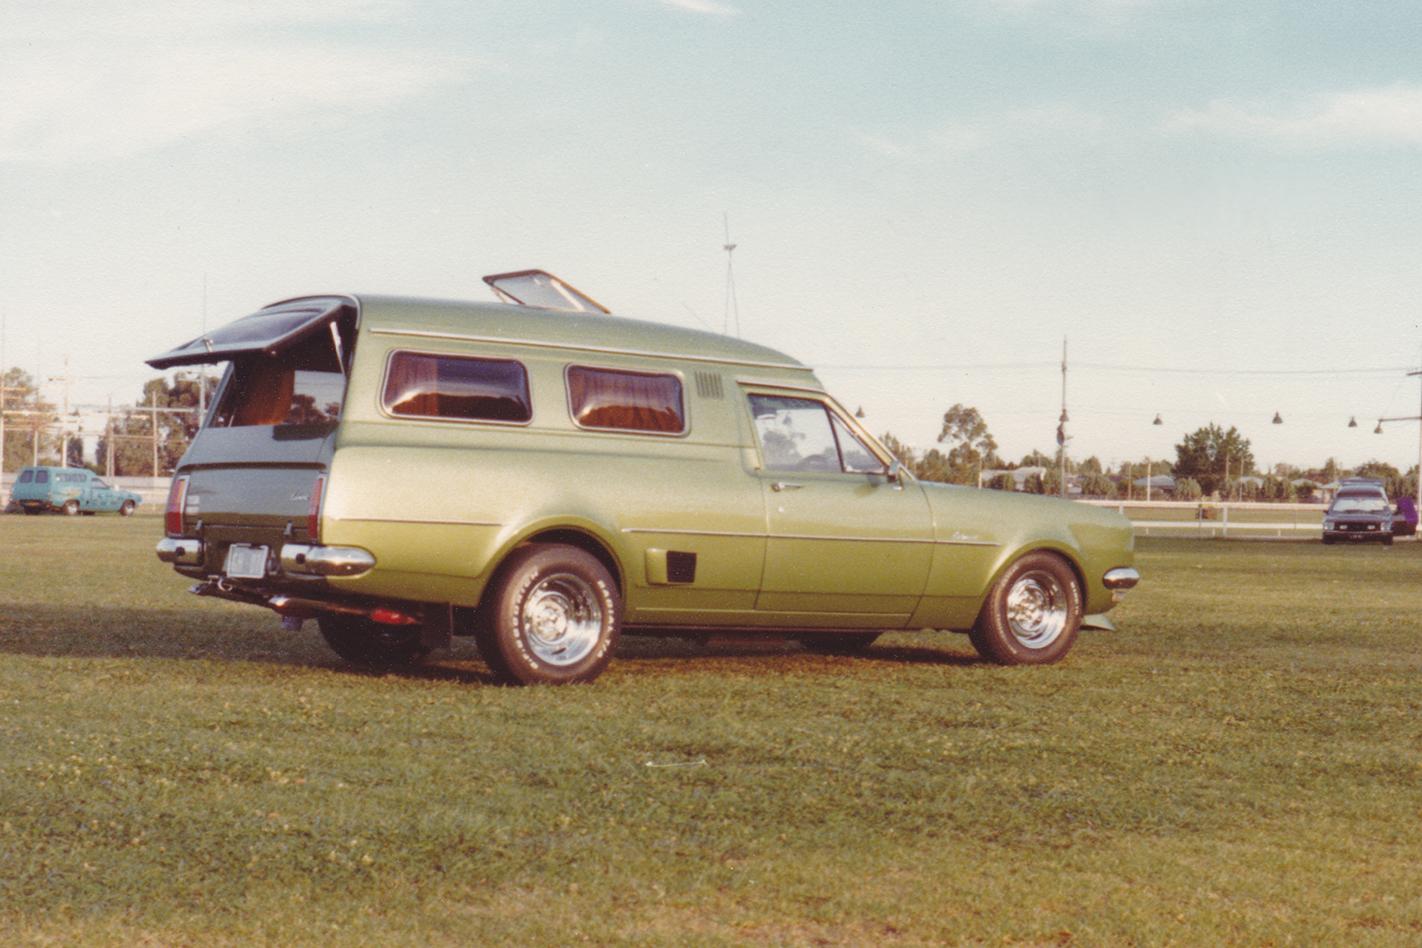 Green -Knight -HG-Panelvan